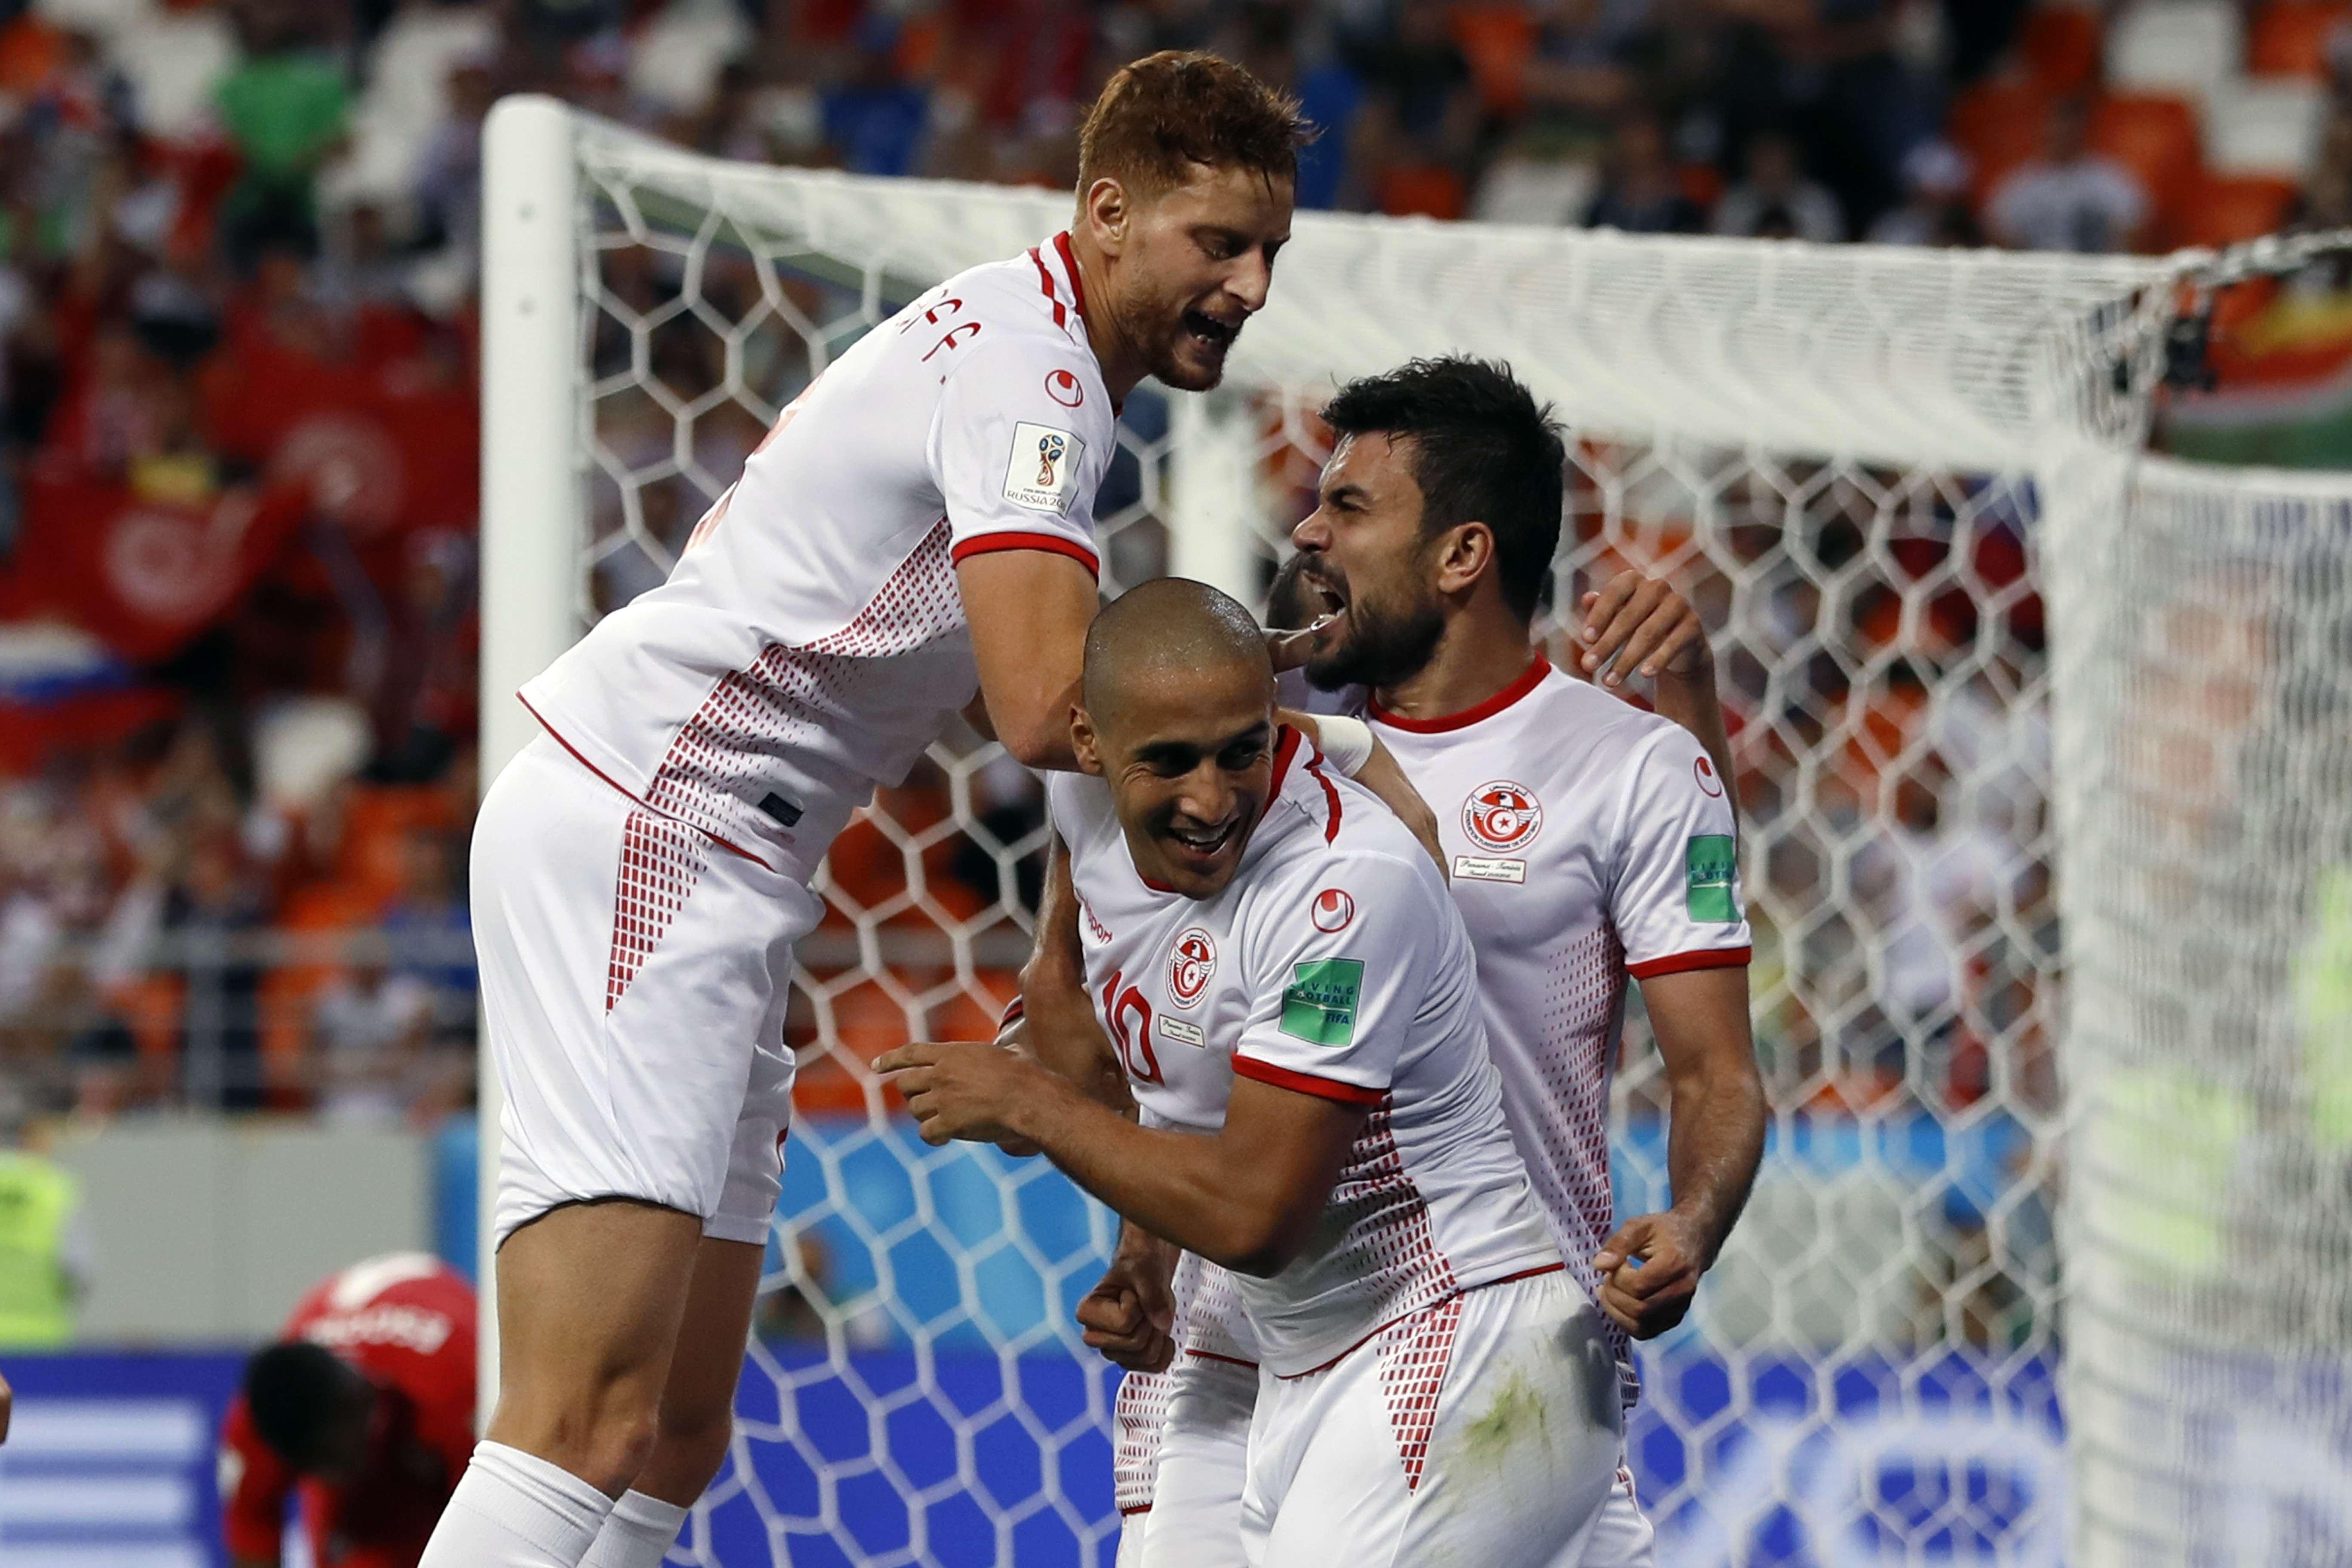 Le Tunisien Wahbi Khazri, au centre, avec son équipe lors du match contre le Panama, lors de la Coupe du monde de football 2018 (photo d'illustration).